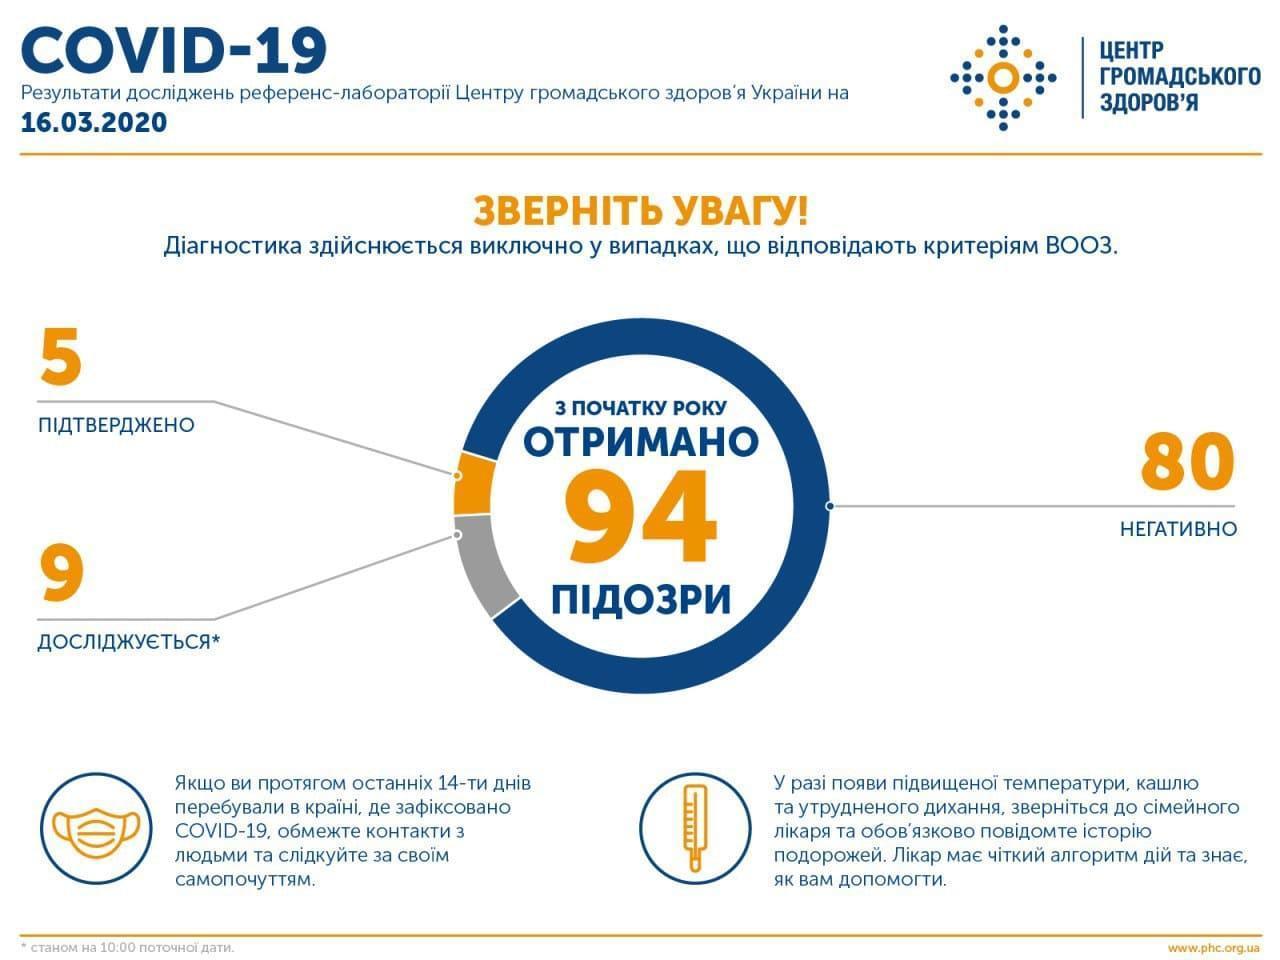 В Україні зафіксували ще 2 випадки коронавірусу, обидва - в Чернівецькій області